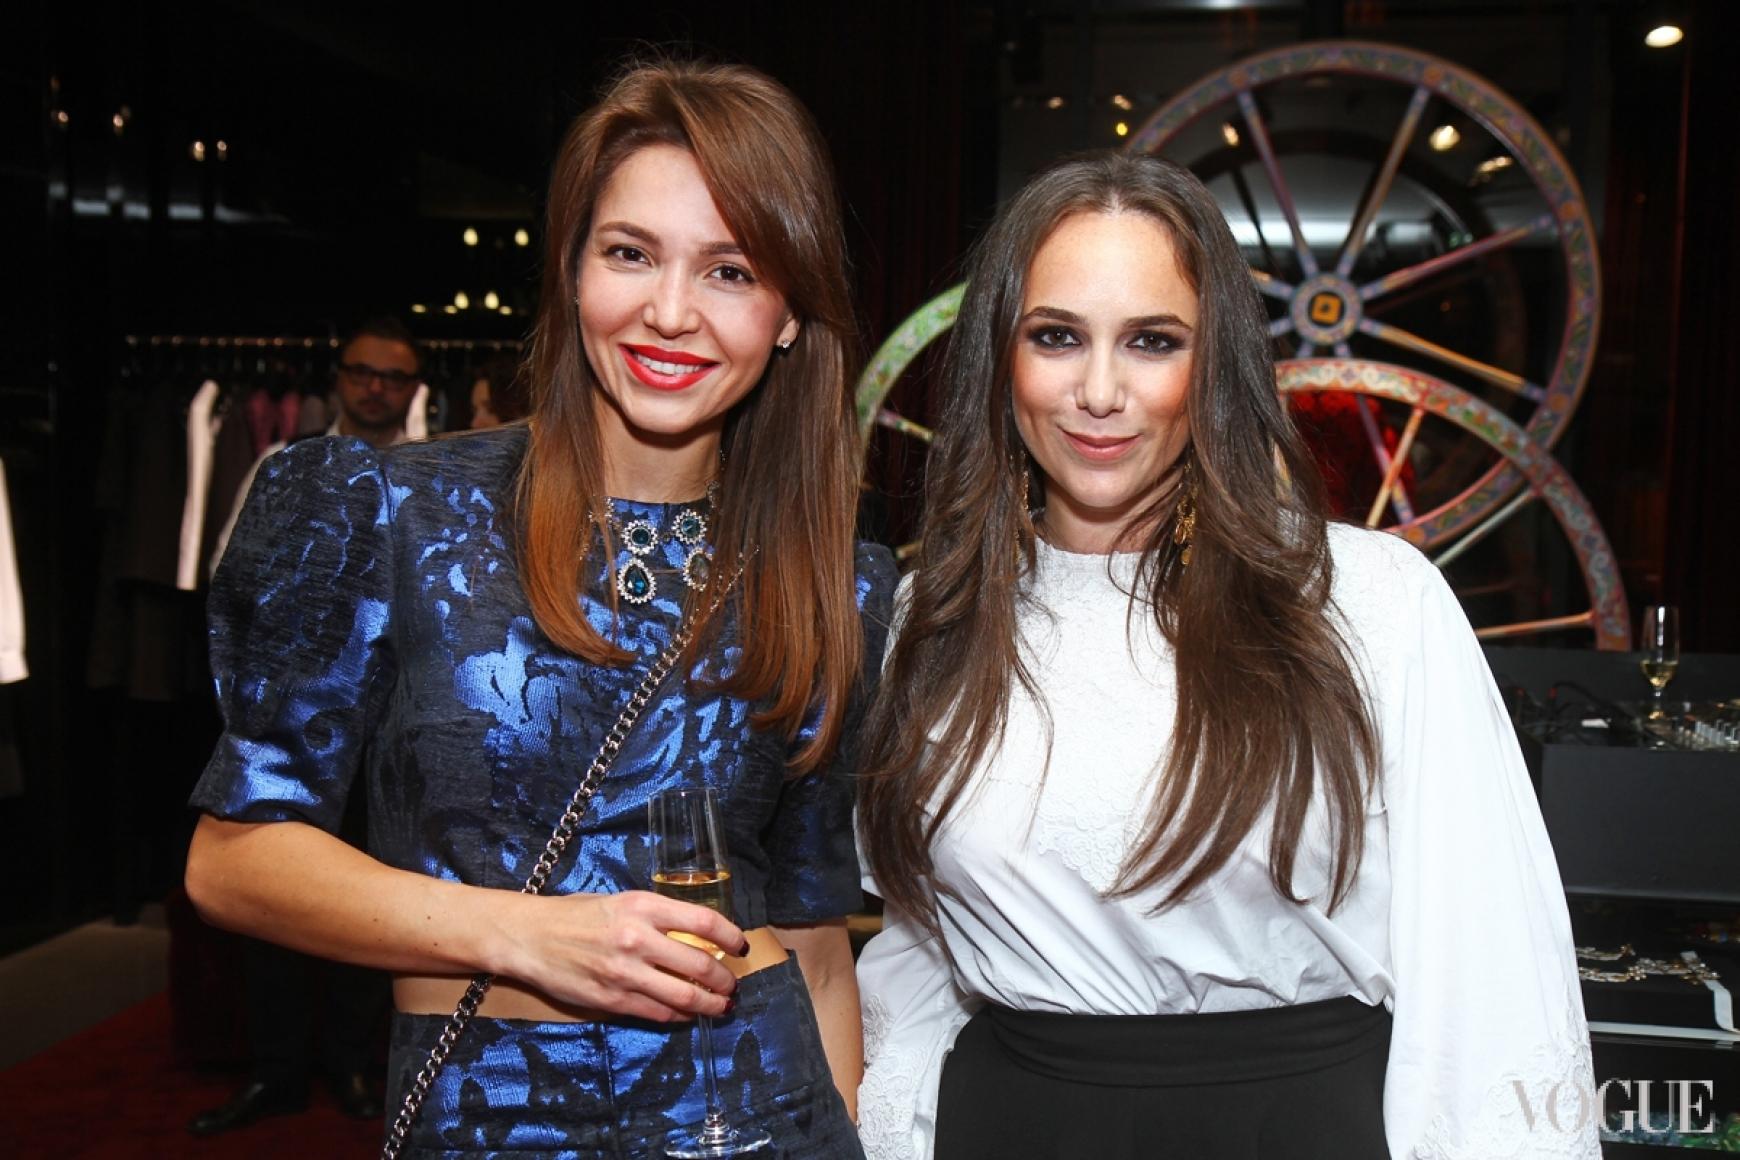 Мария Яслинская и Катрин Вербер